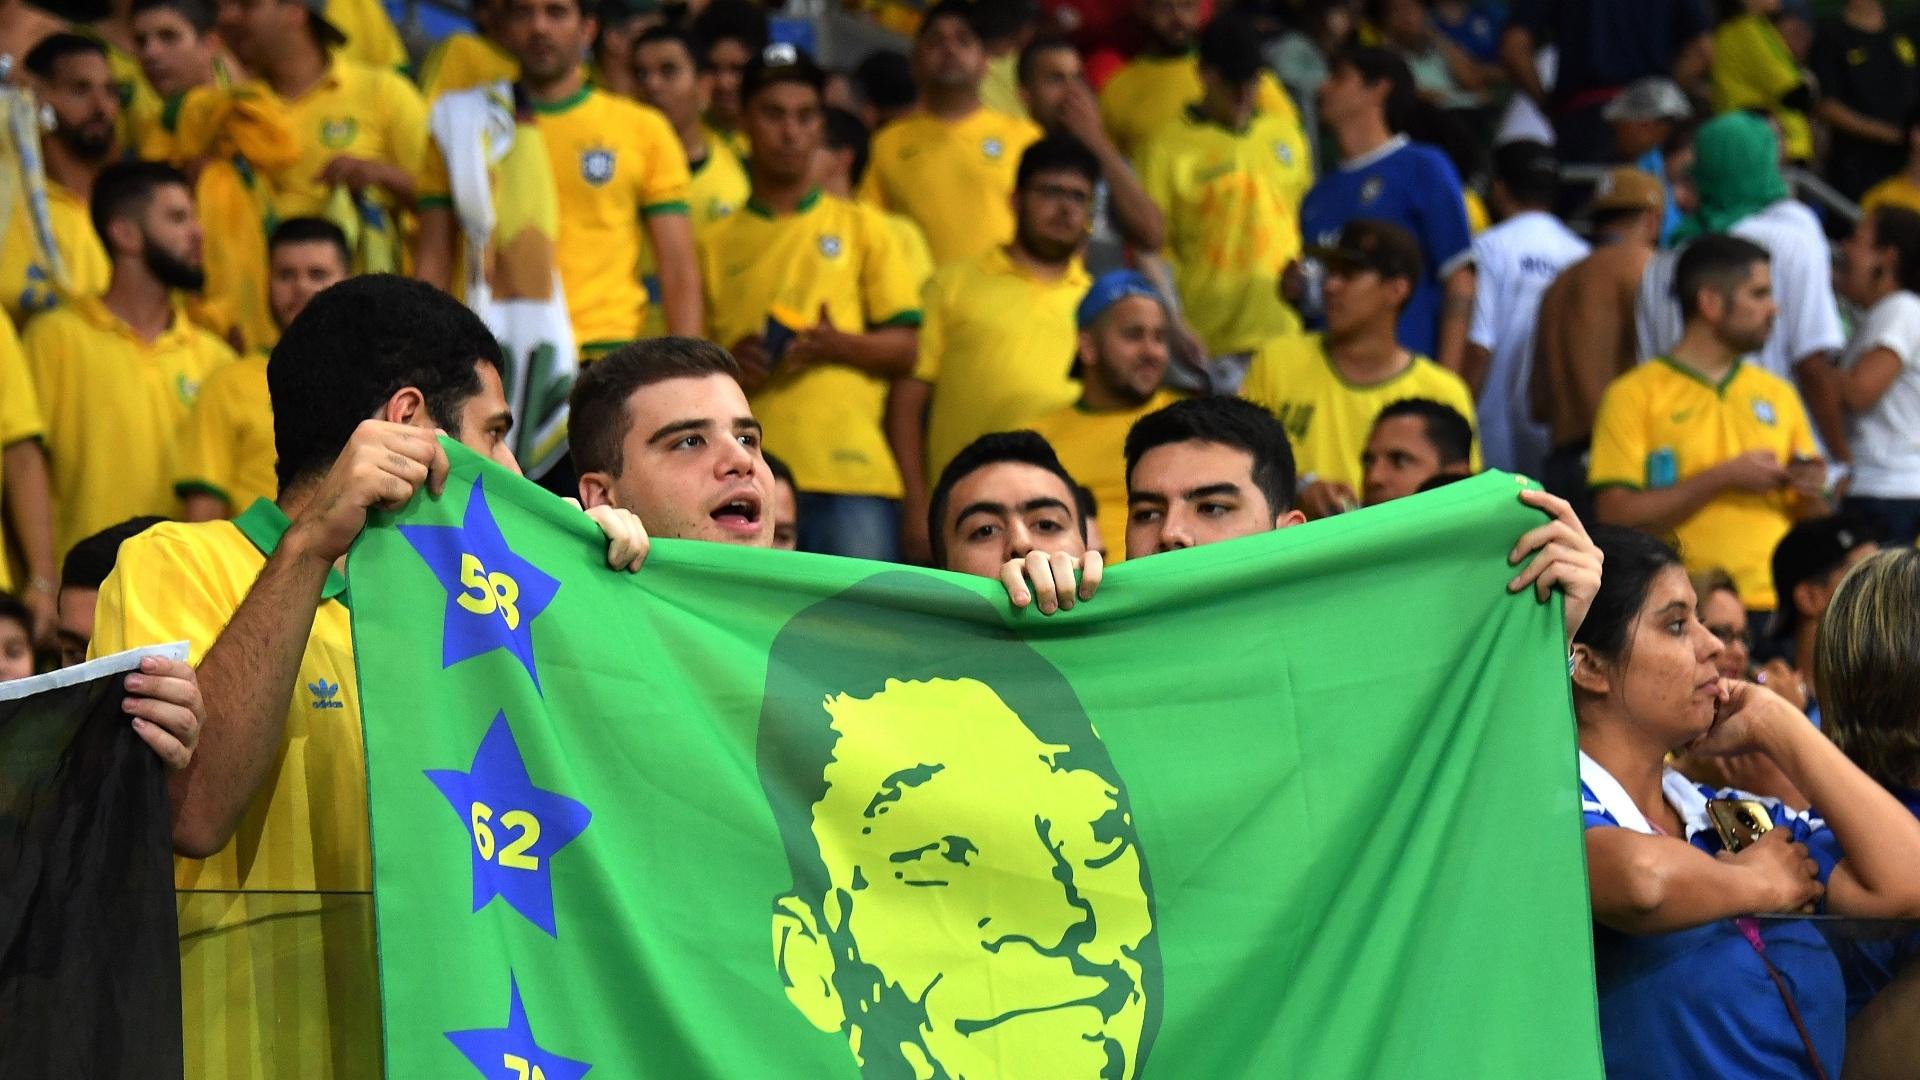 Torcedores do Brasil apoiam a seleção no Allianz Parque contra o Chile